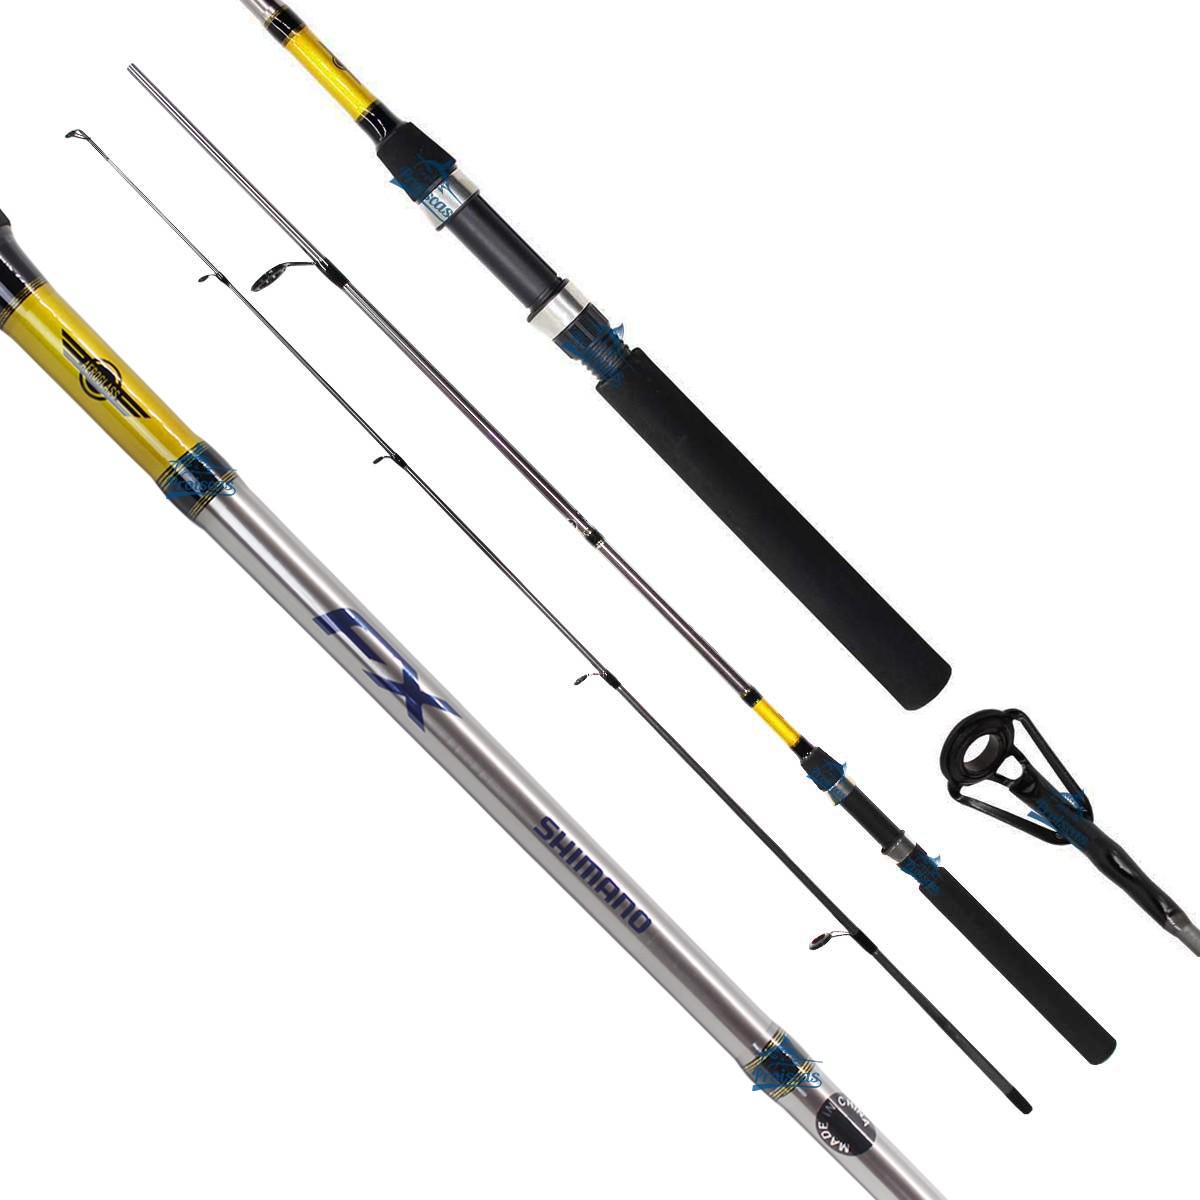 Vara Shimano Fx 562 (1,68m) 2-6lbs Molinete 2 Partes  - Pesca Adventure